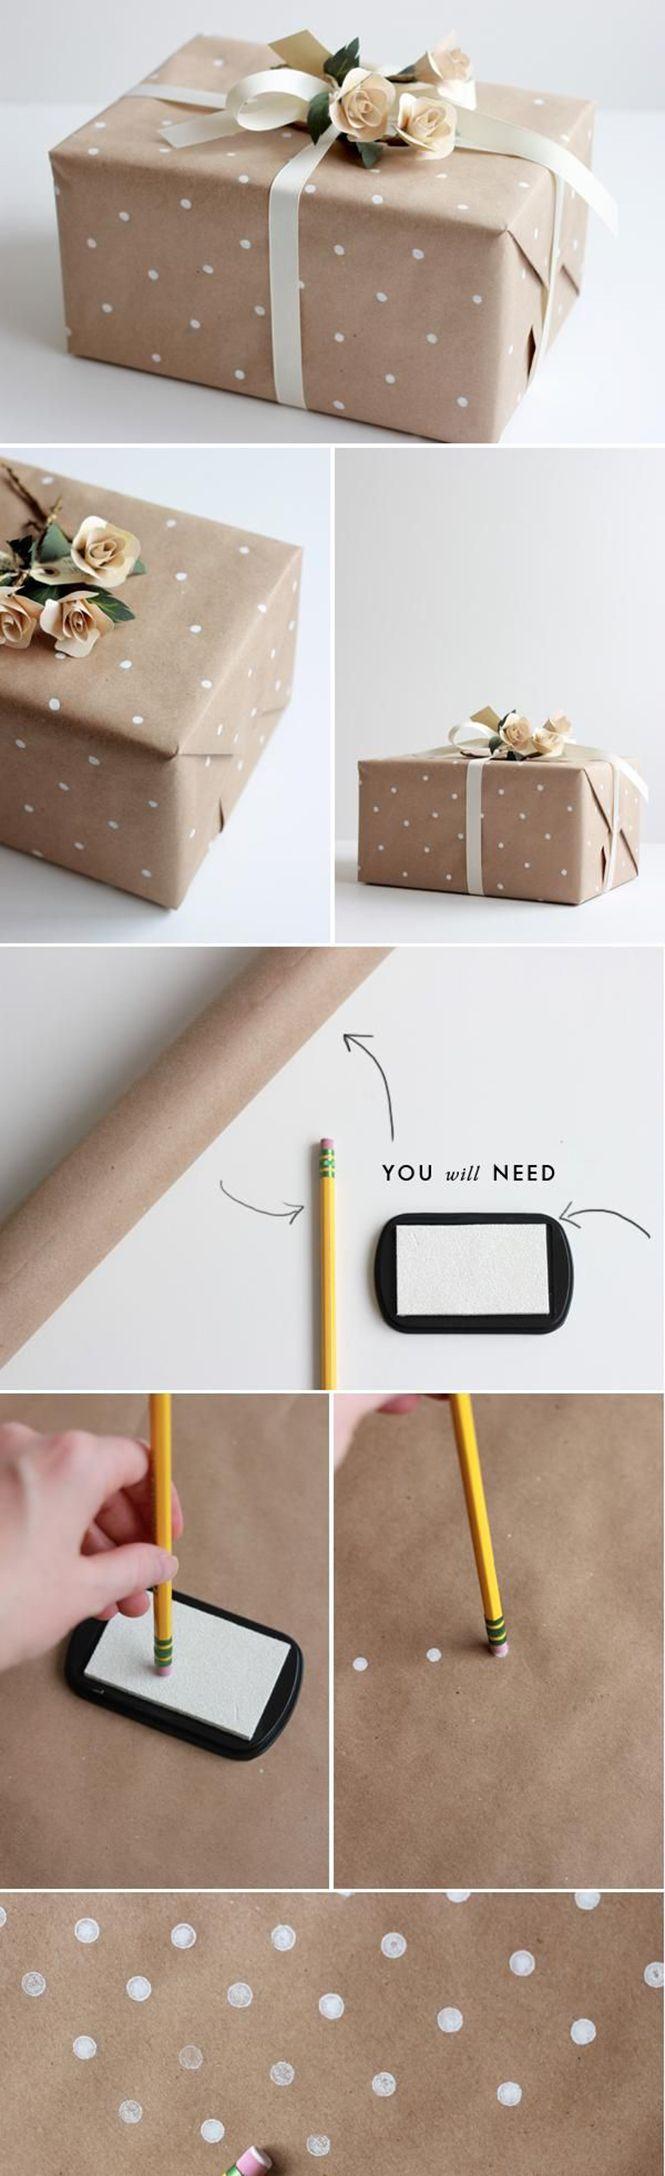 MaisonLab  | Regali di Natale: il pacchetto può fare la differenza | http://www.maisonlab.it